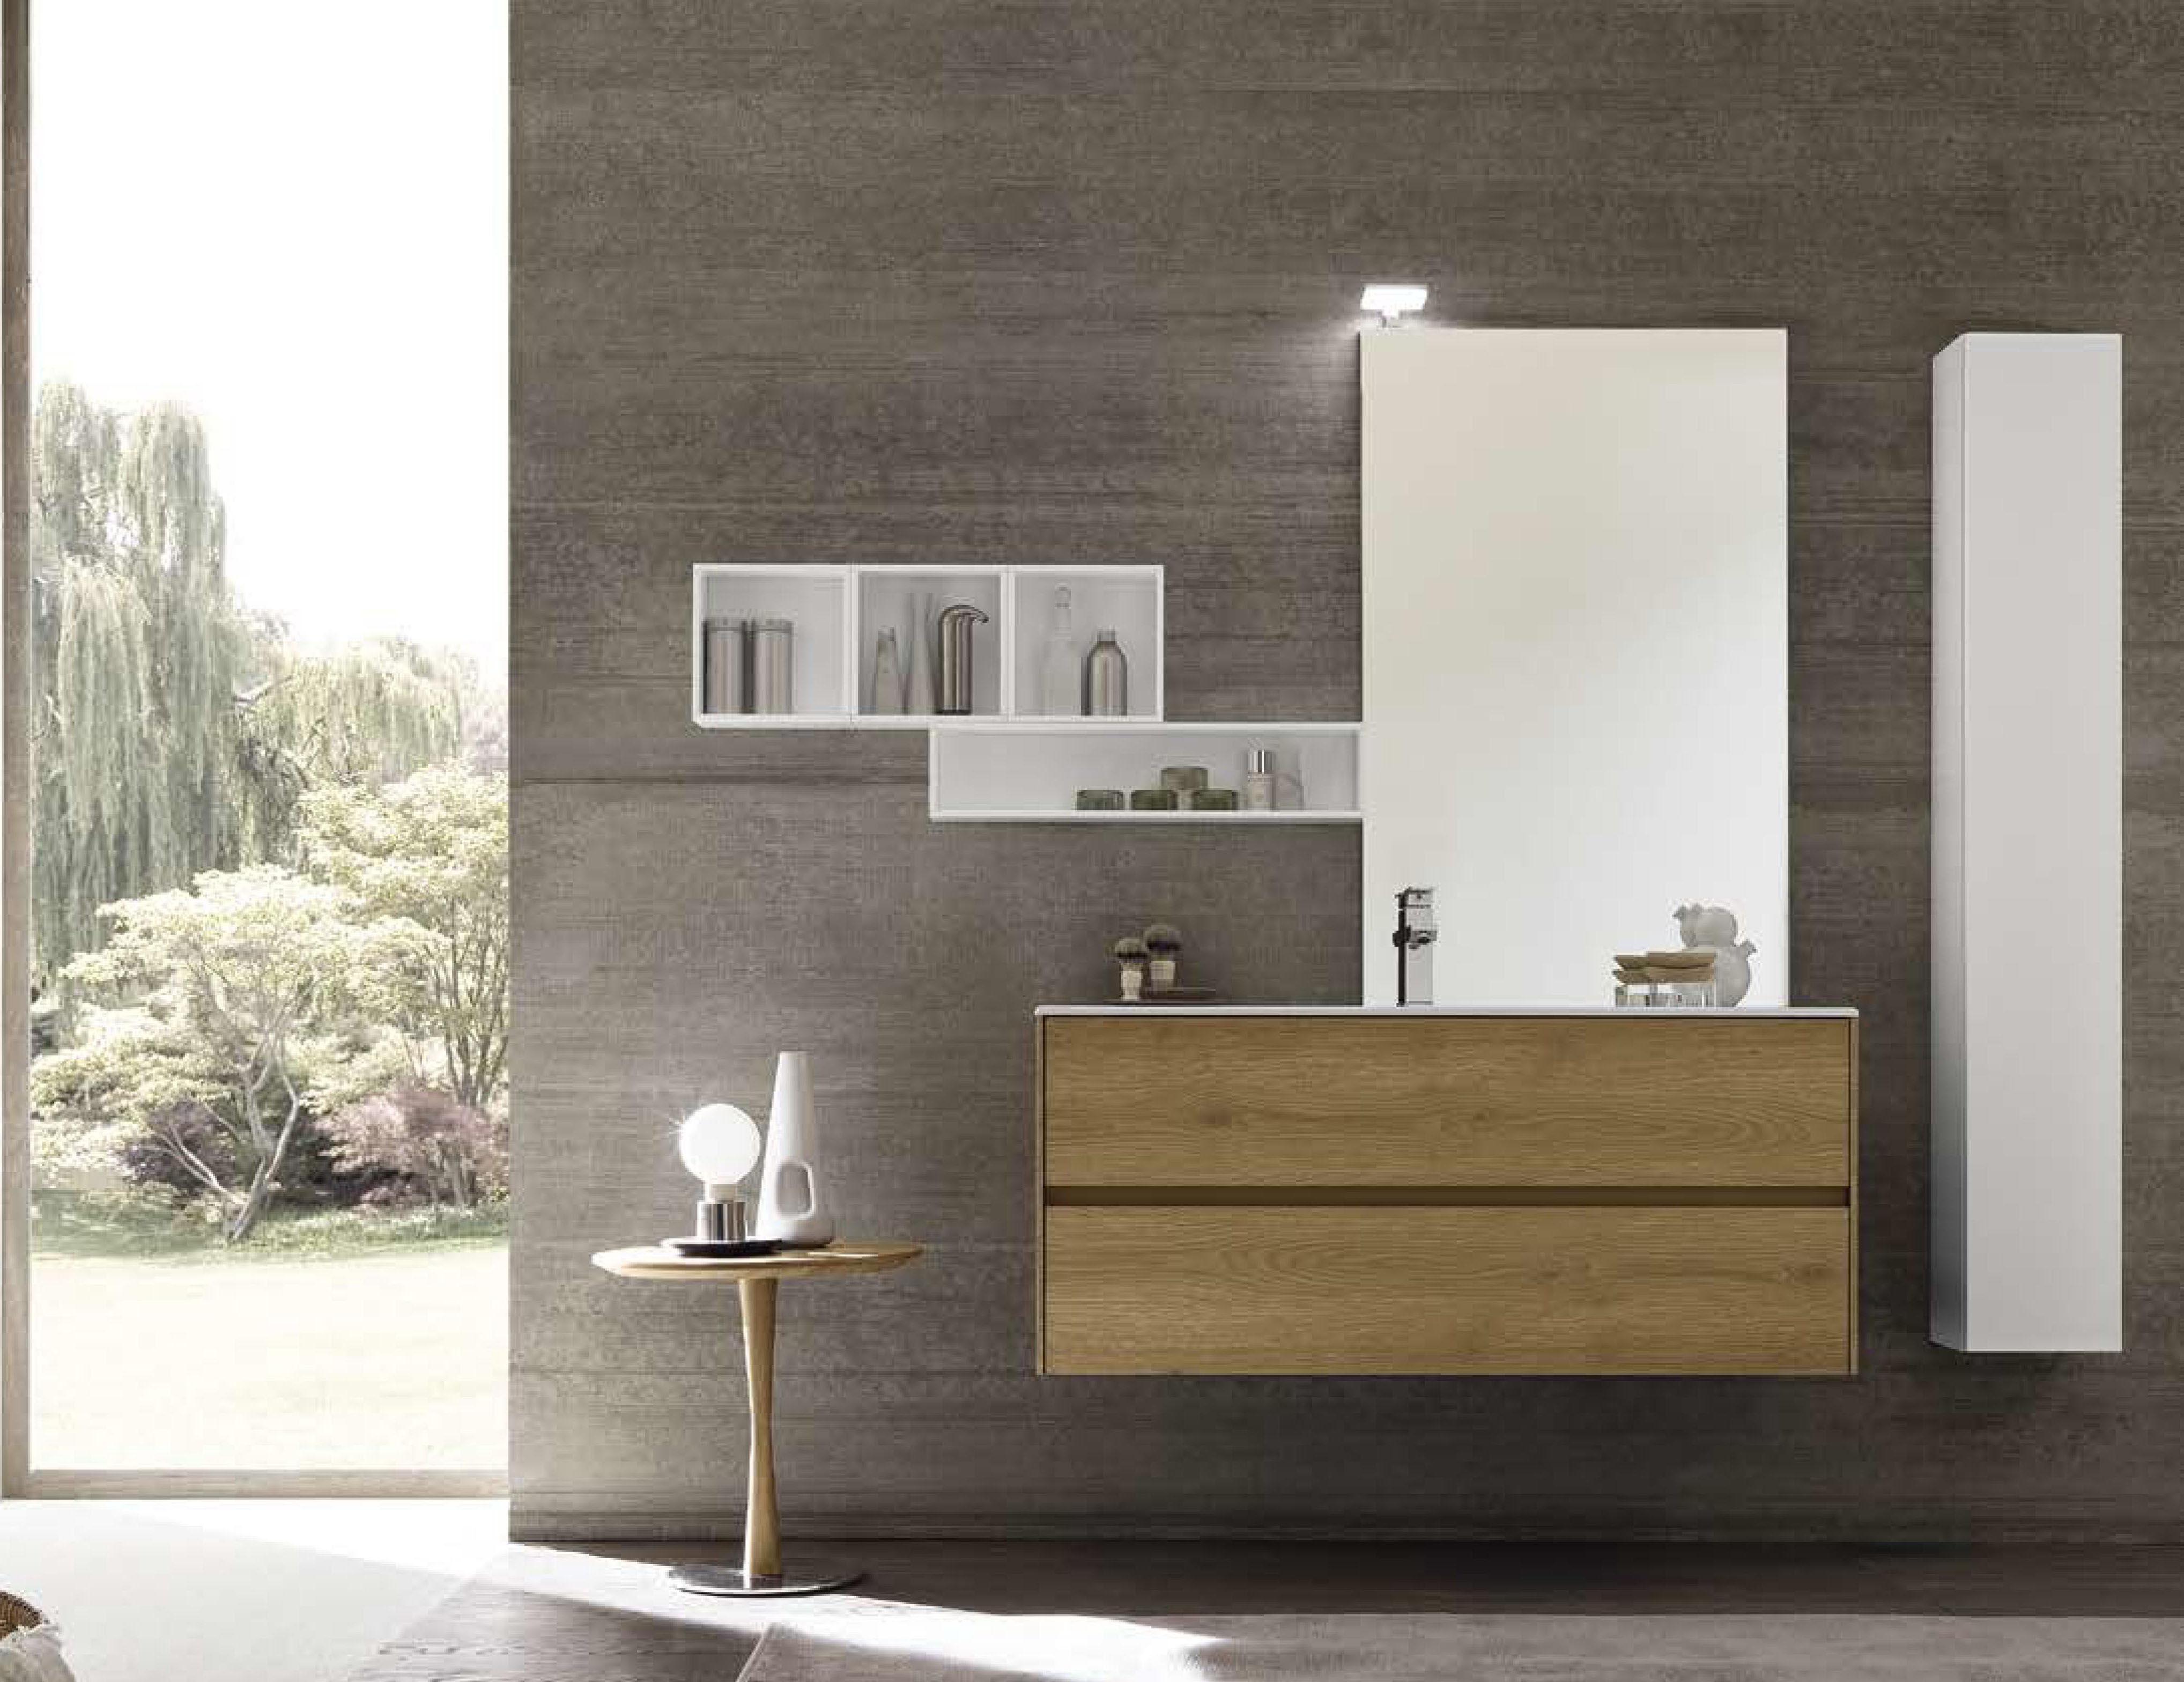 Arredo bagno lime di azzurra bagni arredo bagno a prezzi scontati - Maison du monde mobili bagno ...